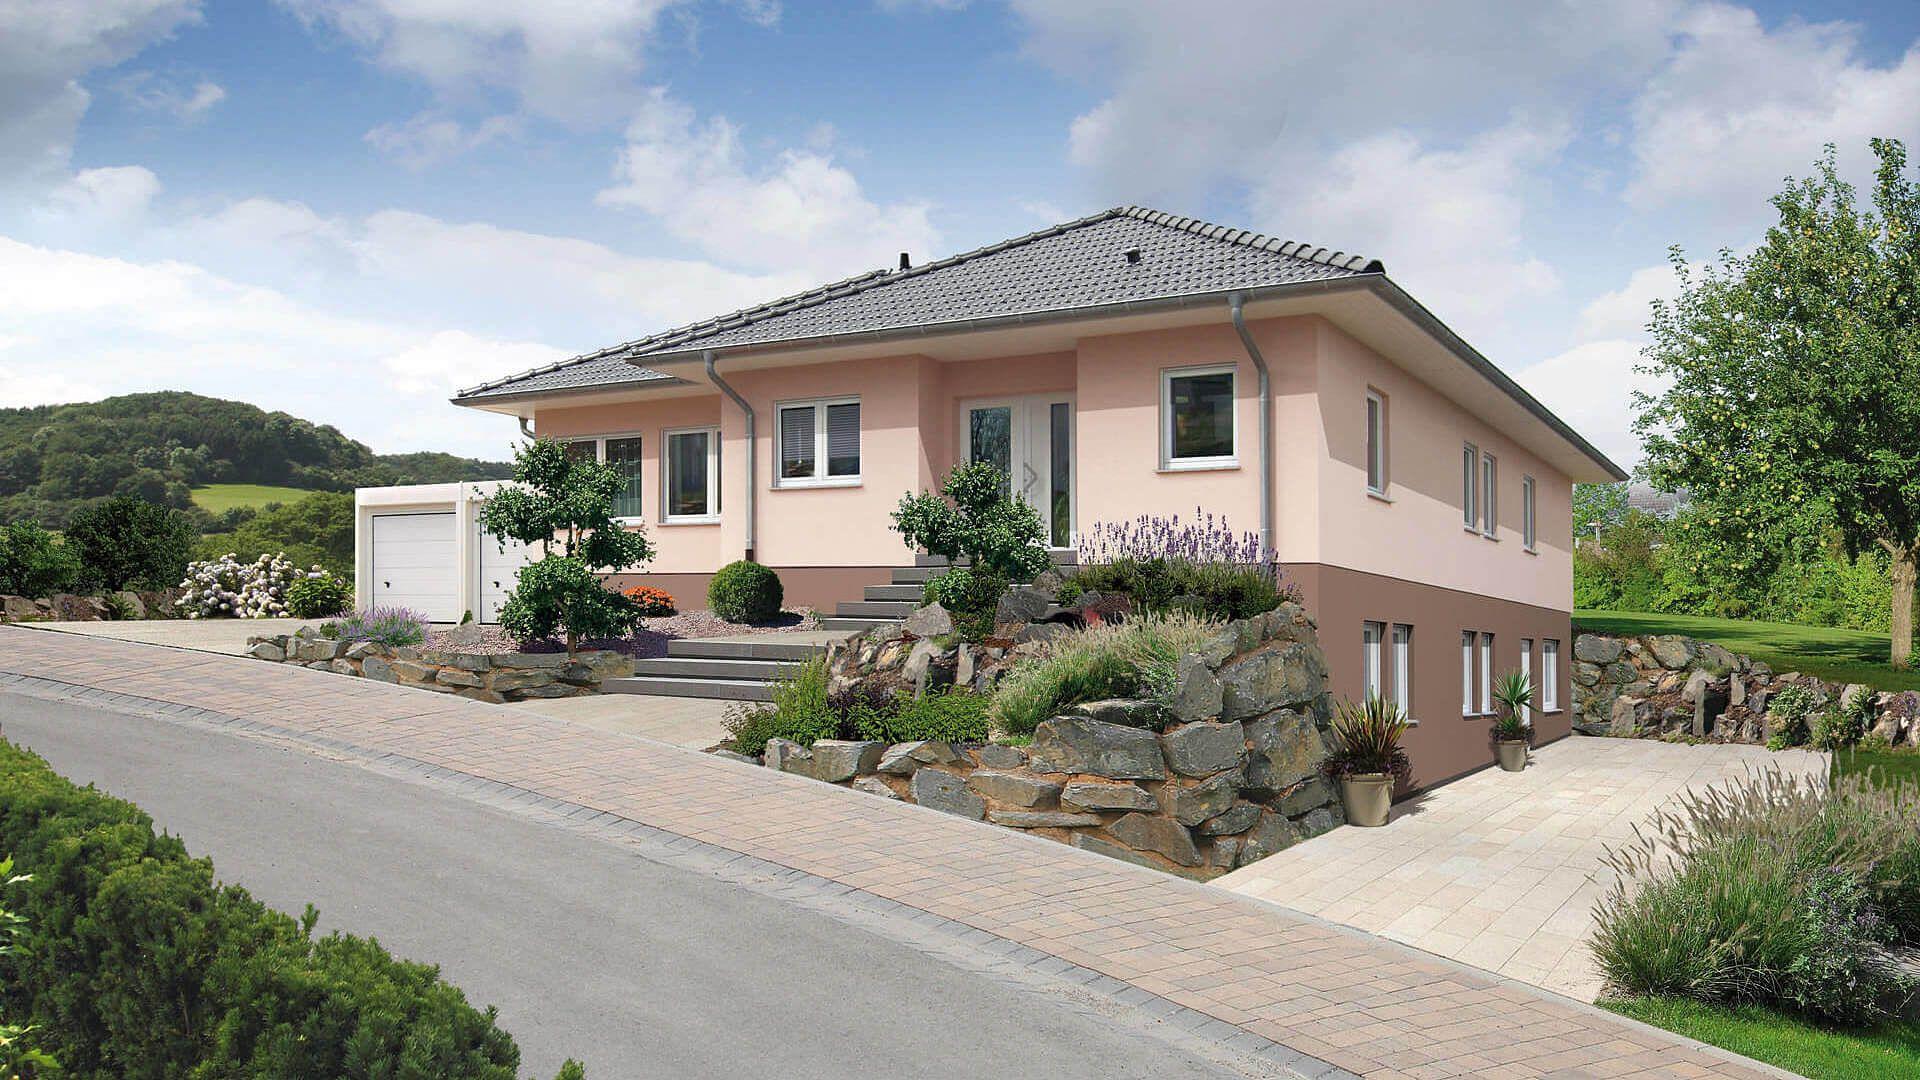 fingerhut bungalow mit keller farbig verputzt mit. Black Bedroom Furniture Sets. Home Design Ideas